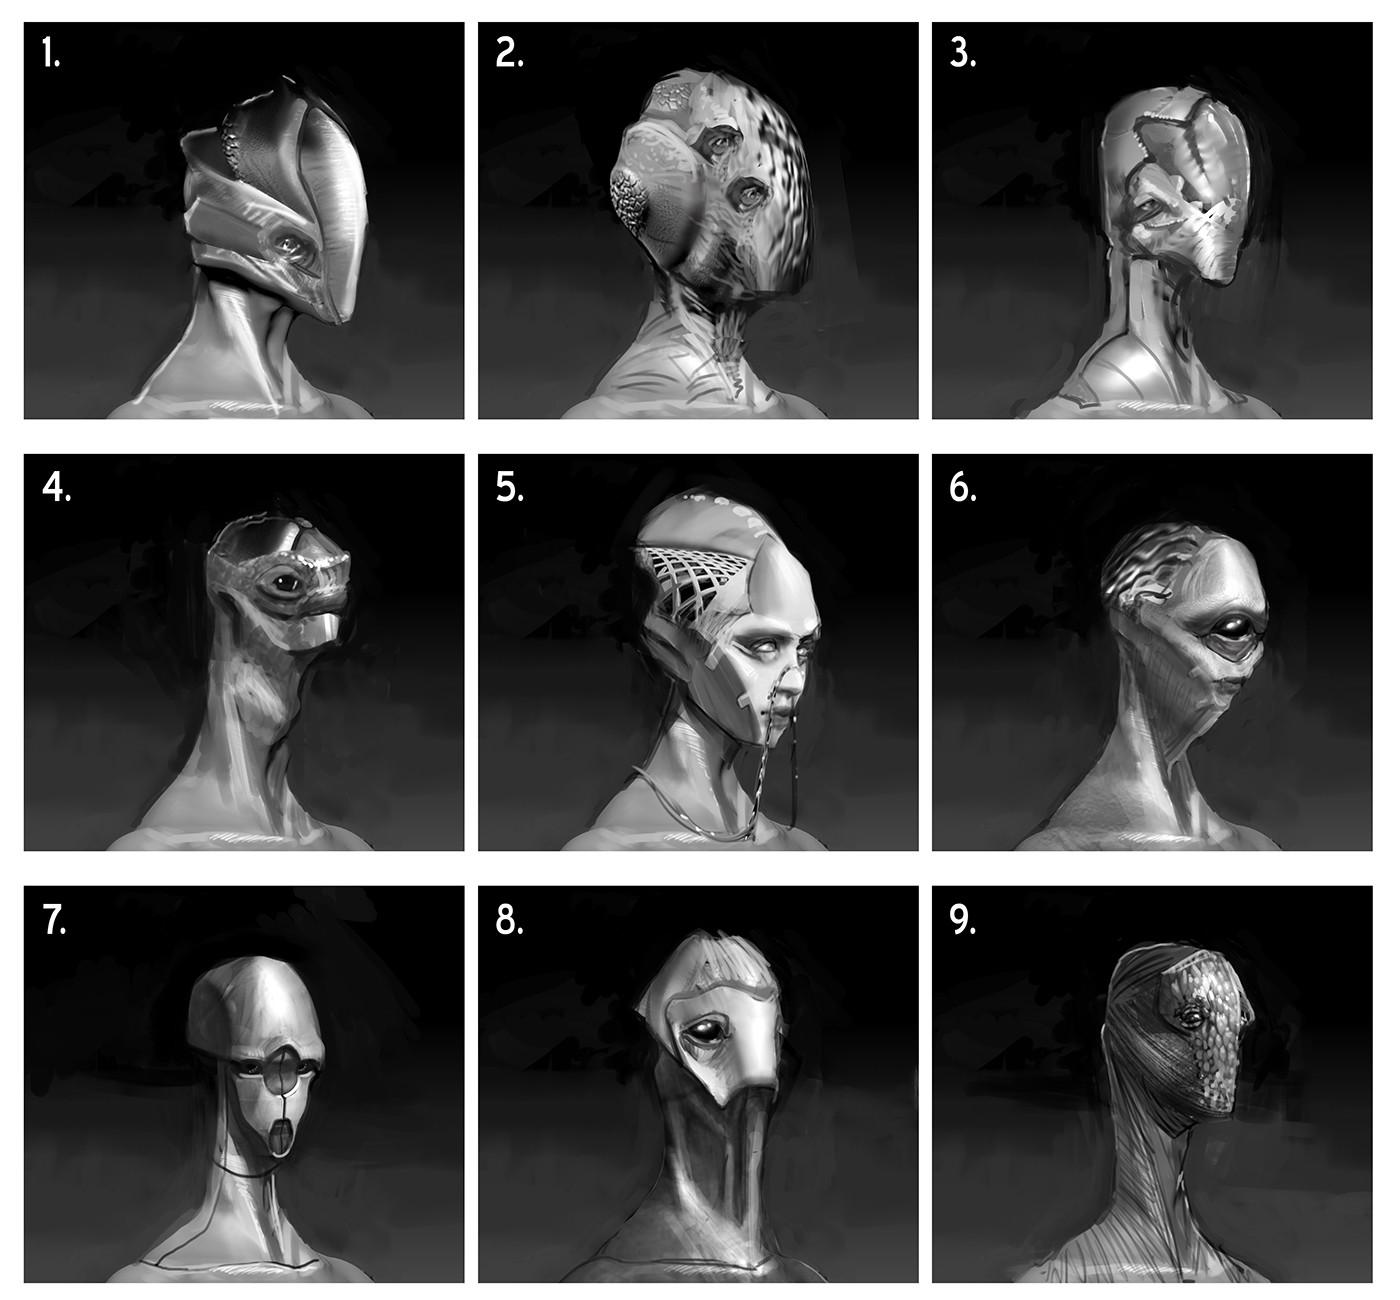 Chris leenheer alien design sketch 04